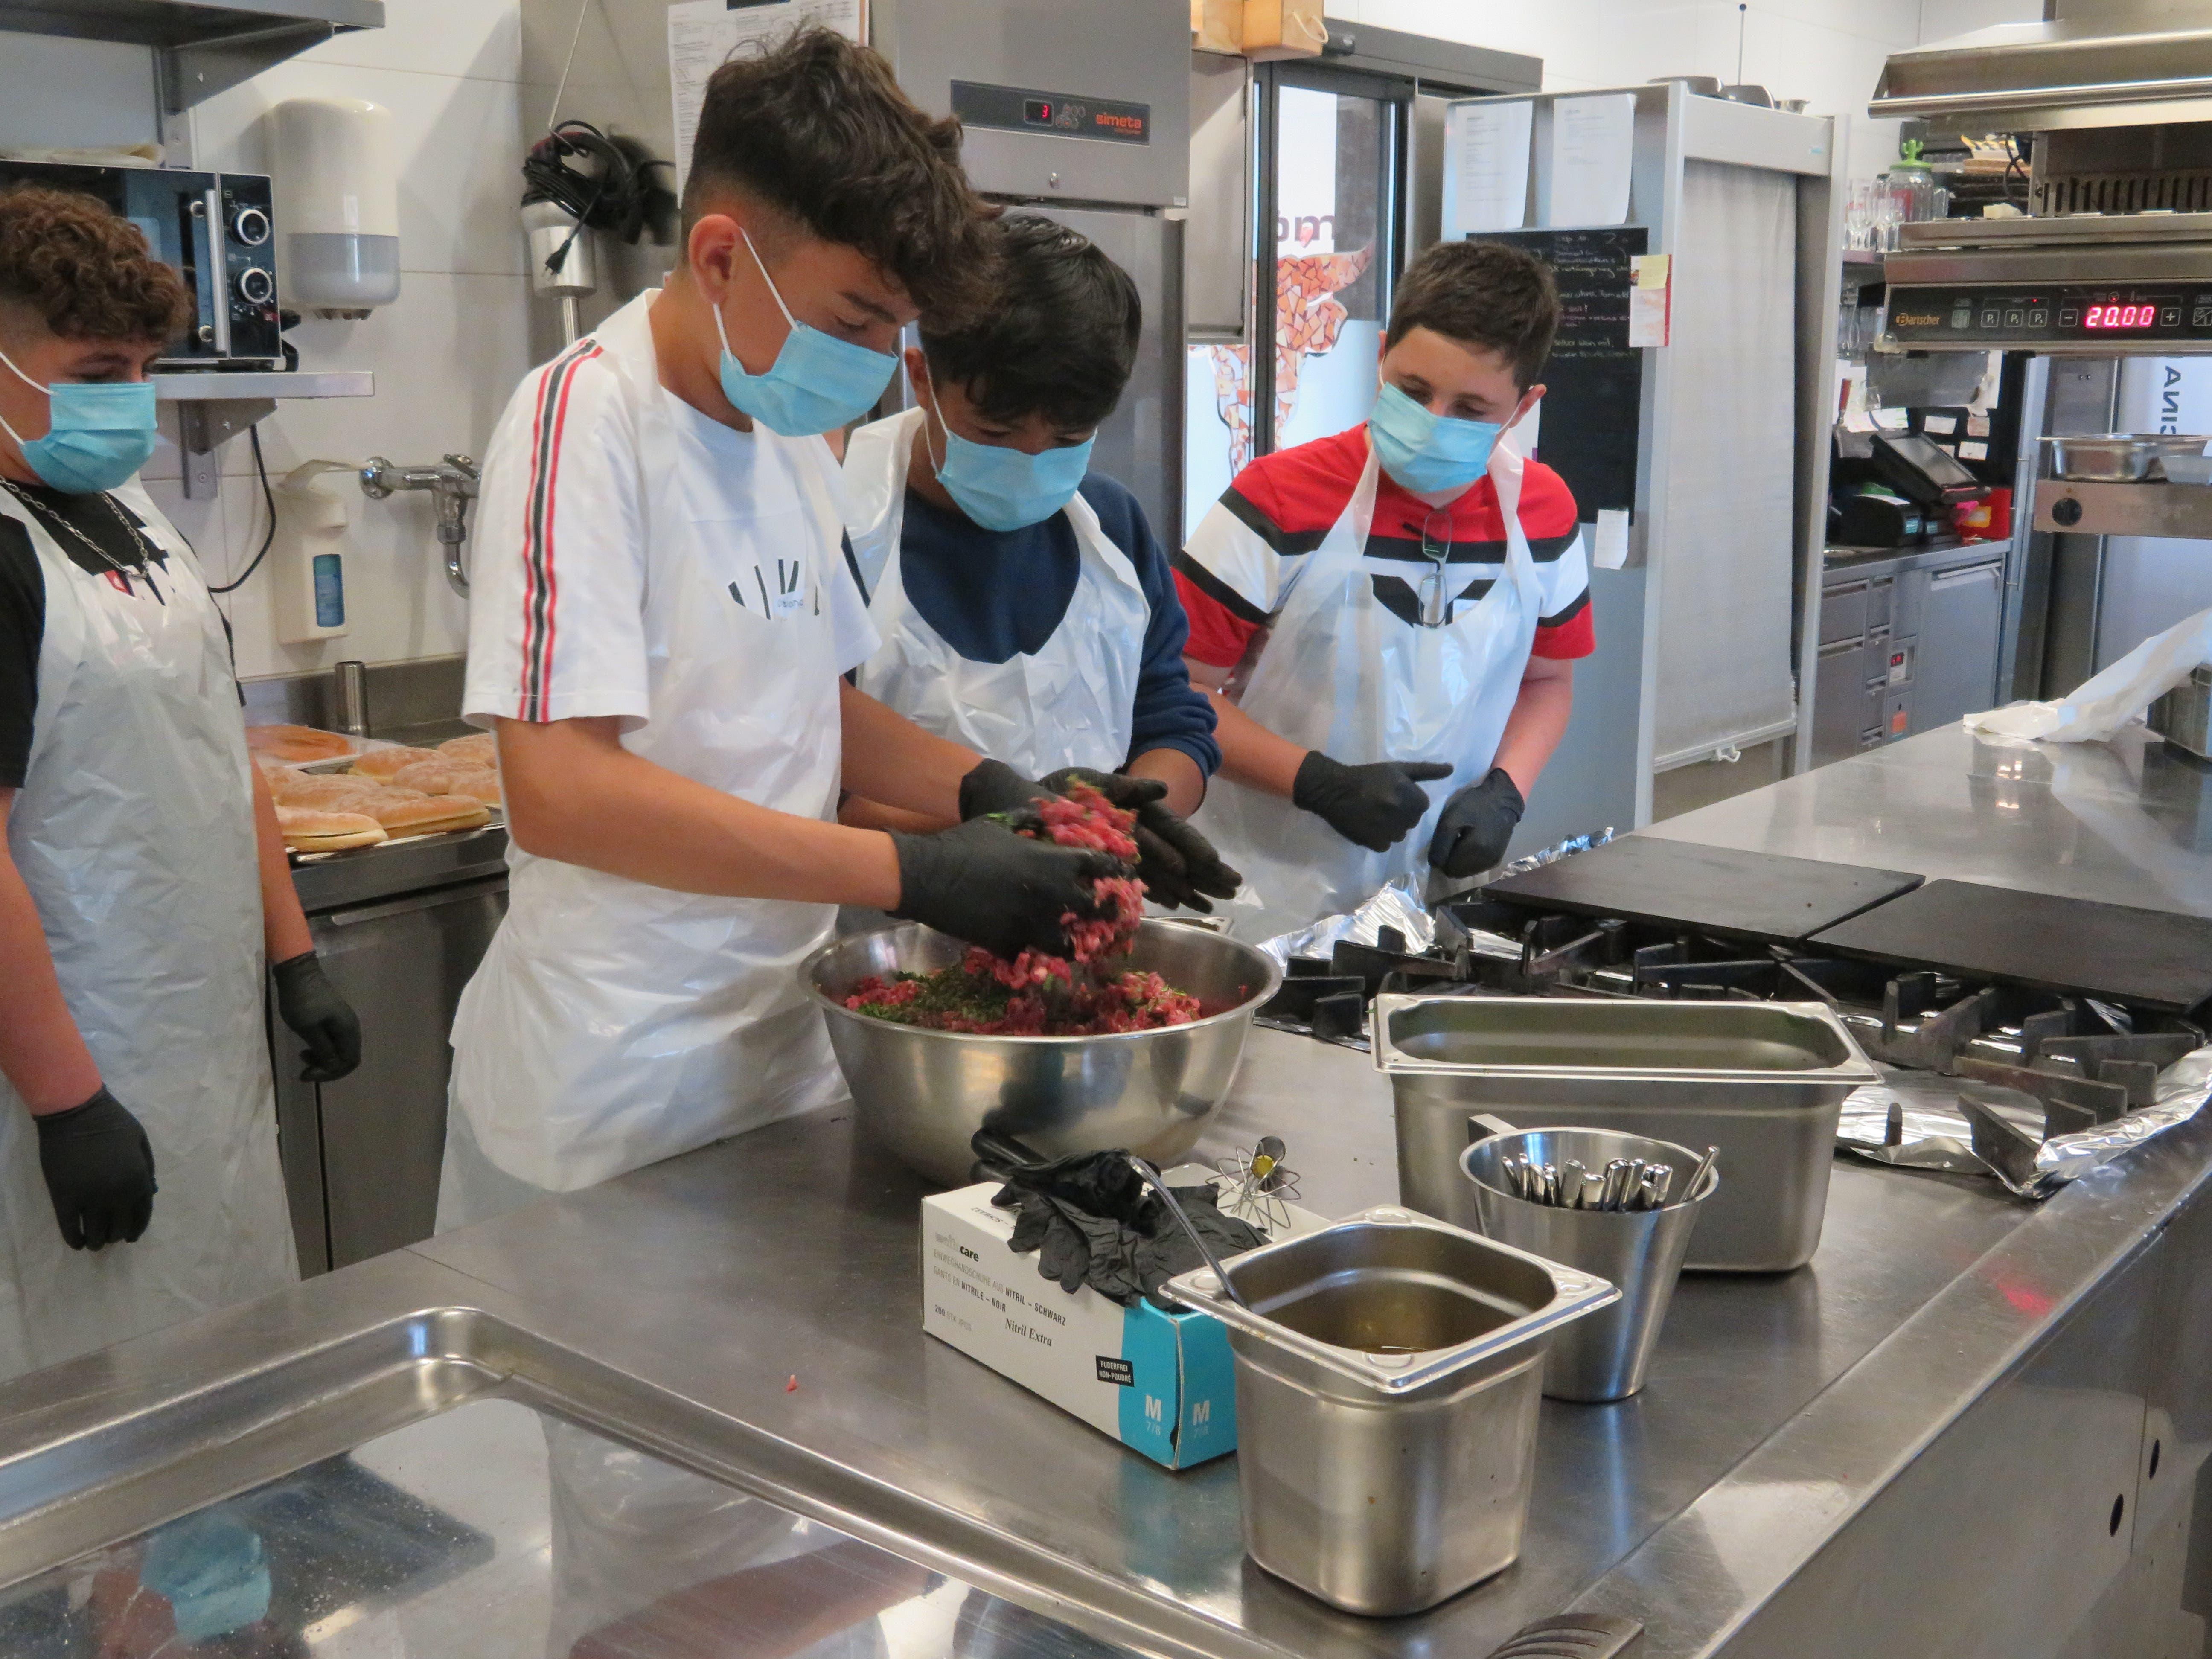 Rund 5 Kilo Rindsghackets verarbeiten die Schüler in der Küche des El Toro in Villmergen zu Hamburgern.